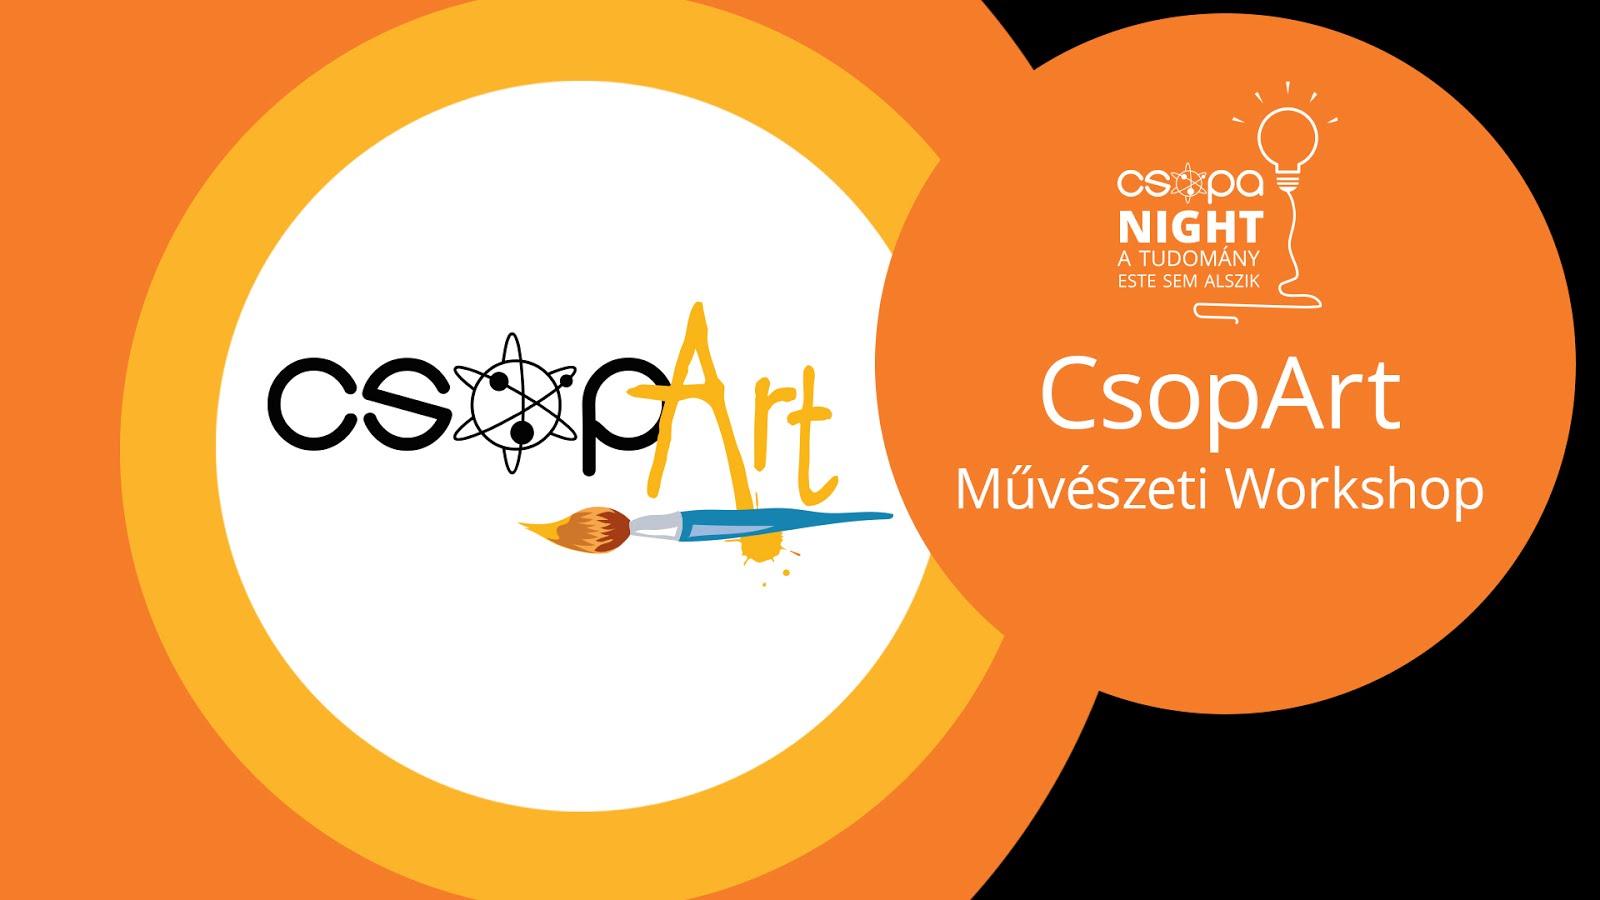 CsopArt